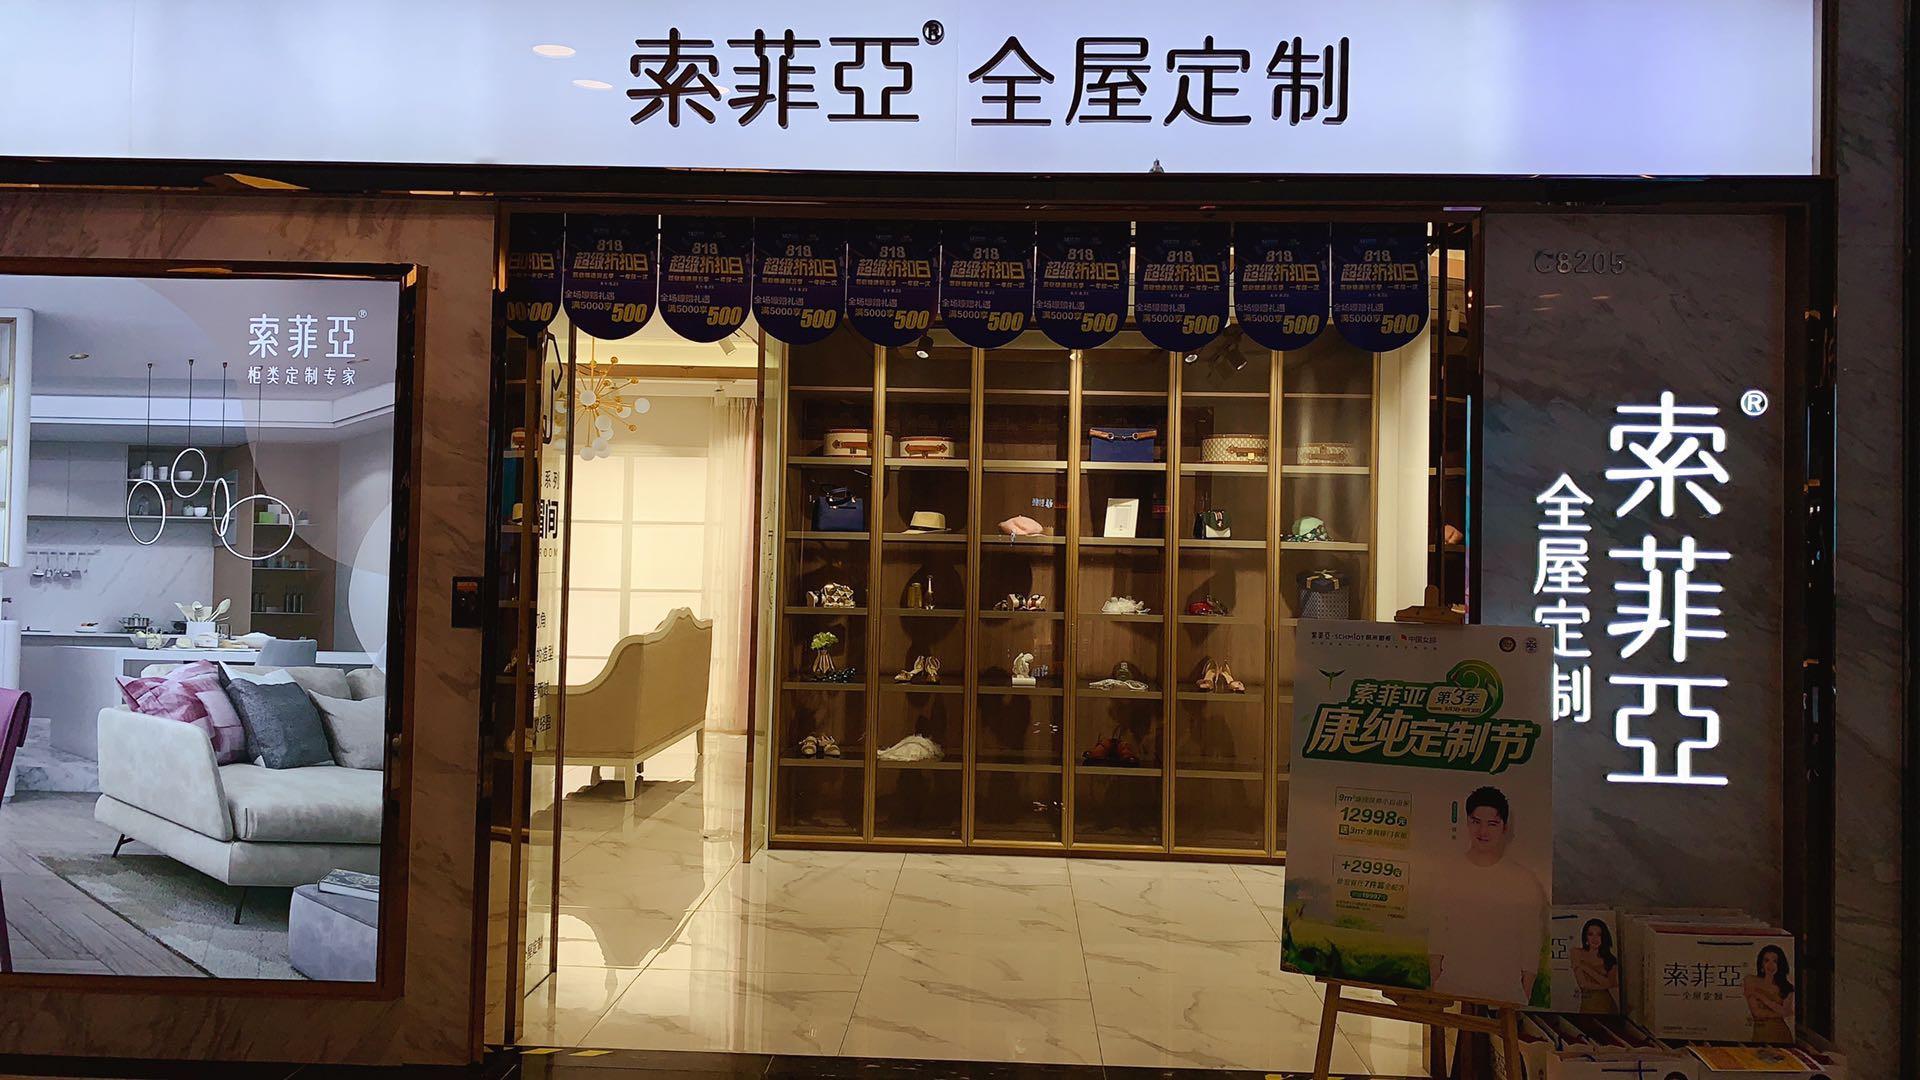 索菲亚(红星美凯龙浦东沪南商场)